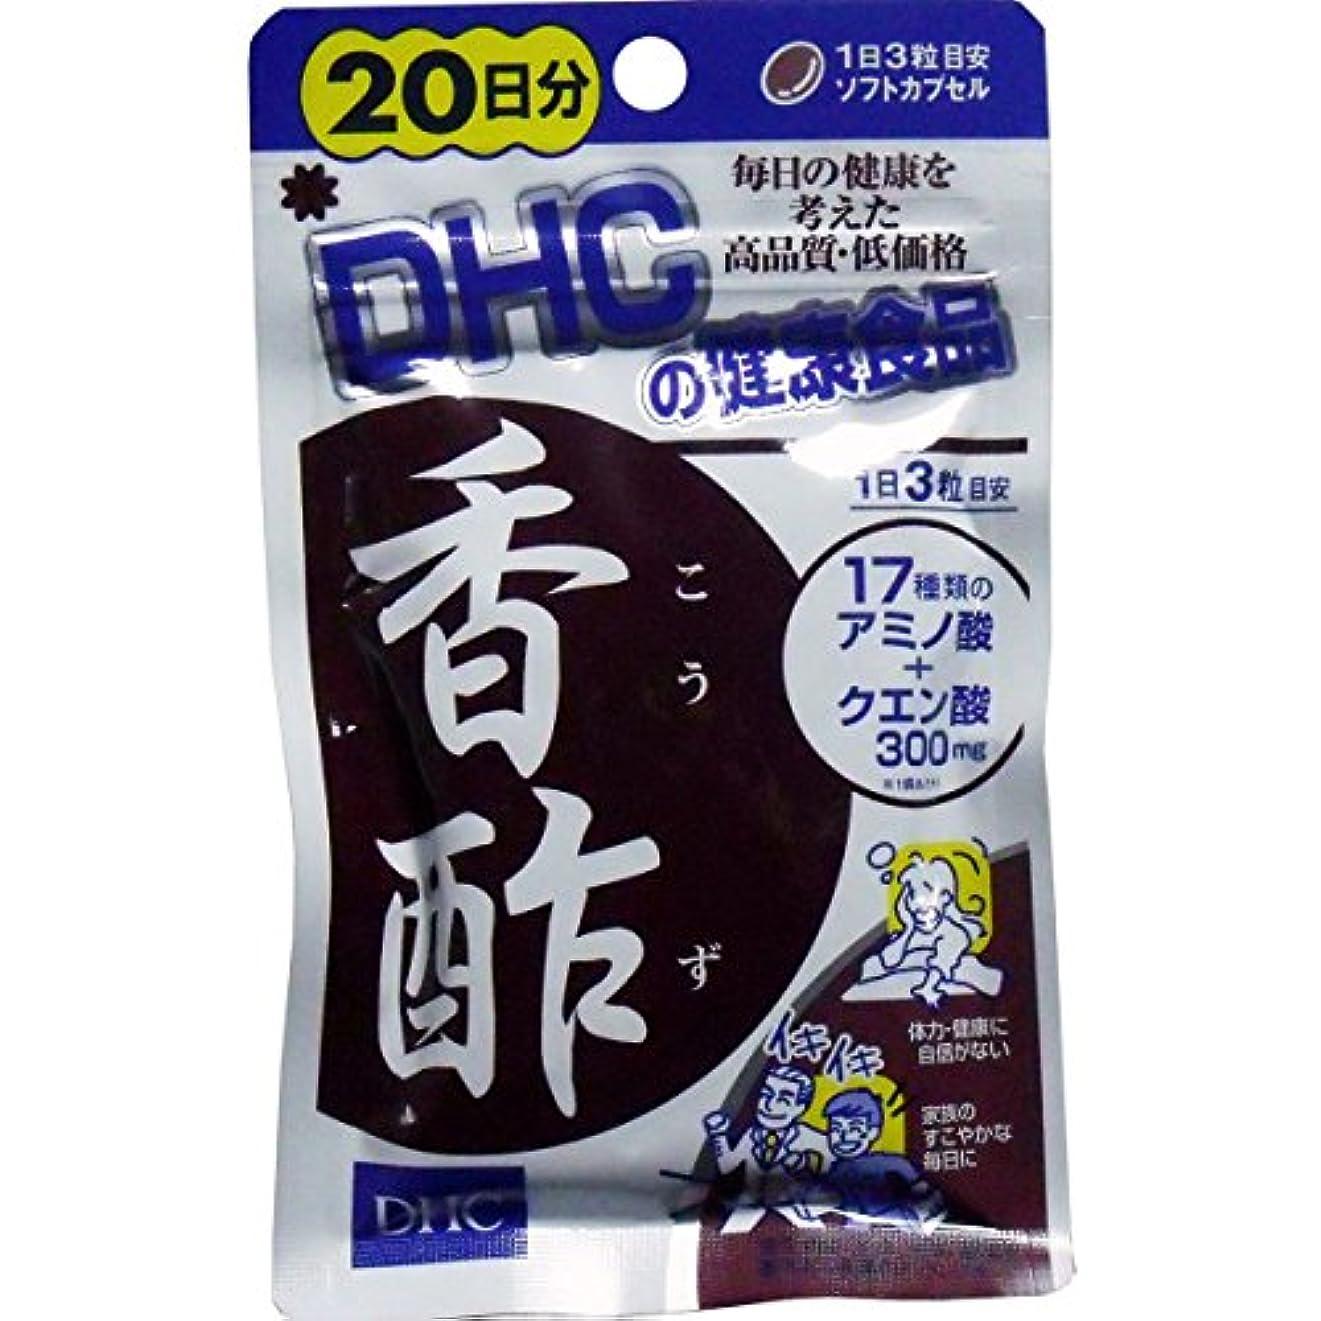 交渉するローストパーツDHC香酢20日分 60粒【3個セット】